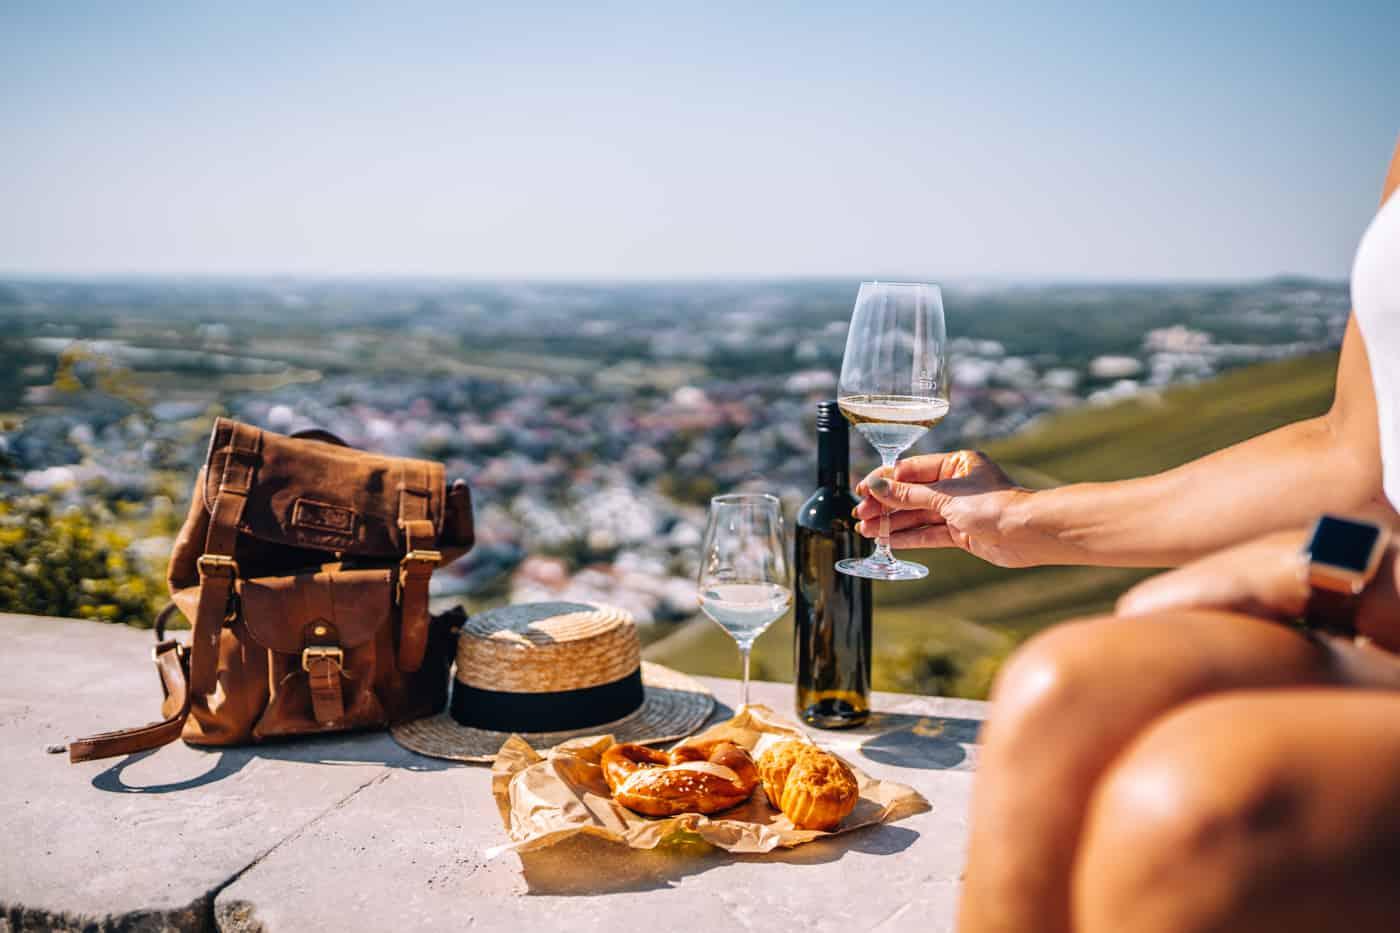 Ausflugsziele Stuttgart: #5 - Weinbaulehrpfad Beutelsbach